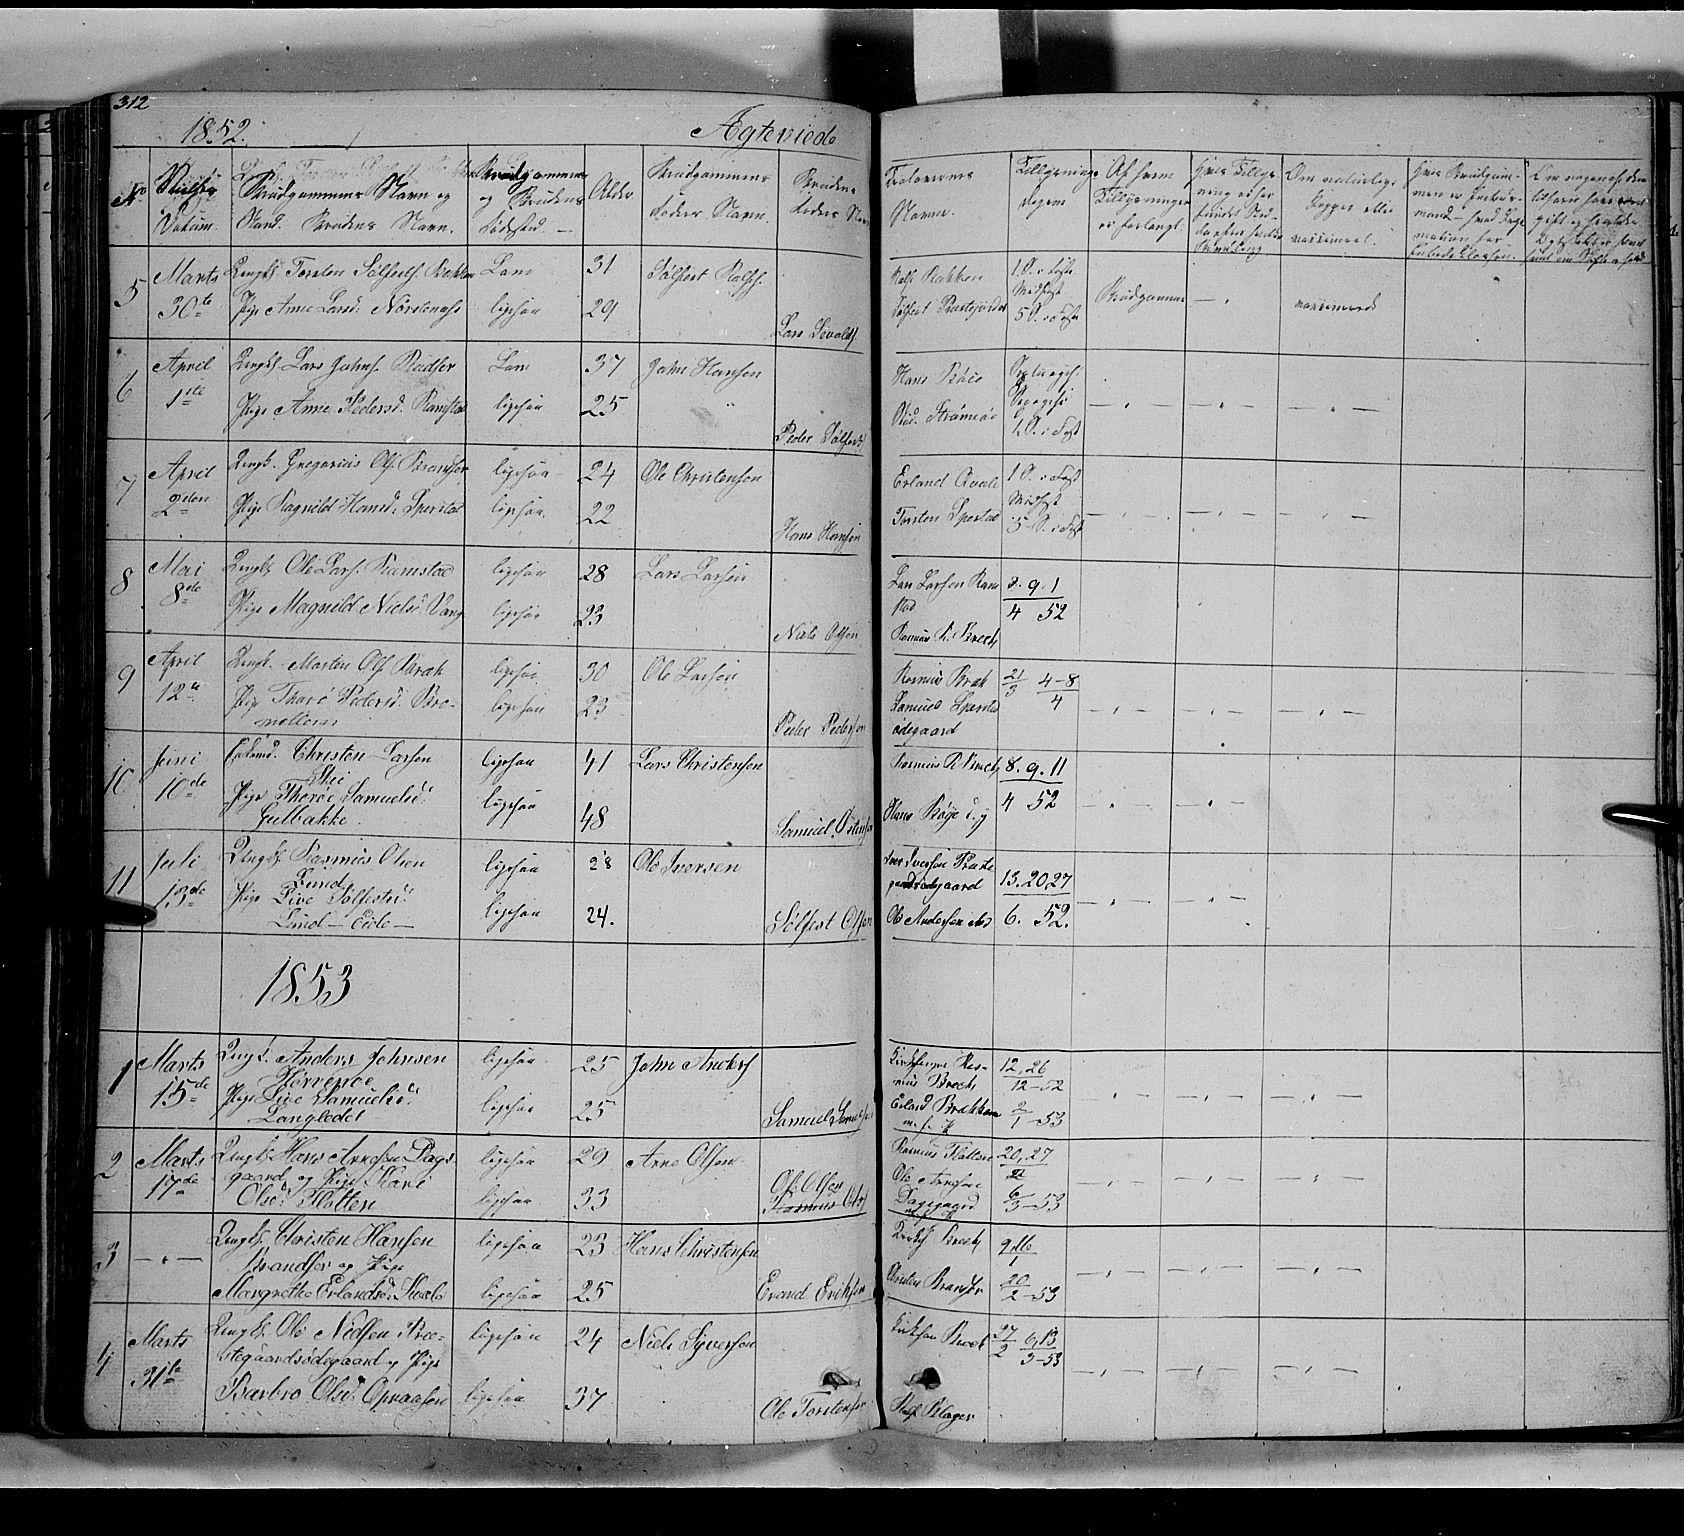 SAH, Lom prestekontor, L/L0004: Klokkerbok nr. 4, 1845-1864, s. 312-313